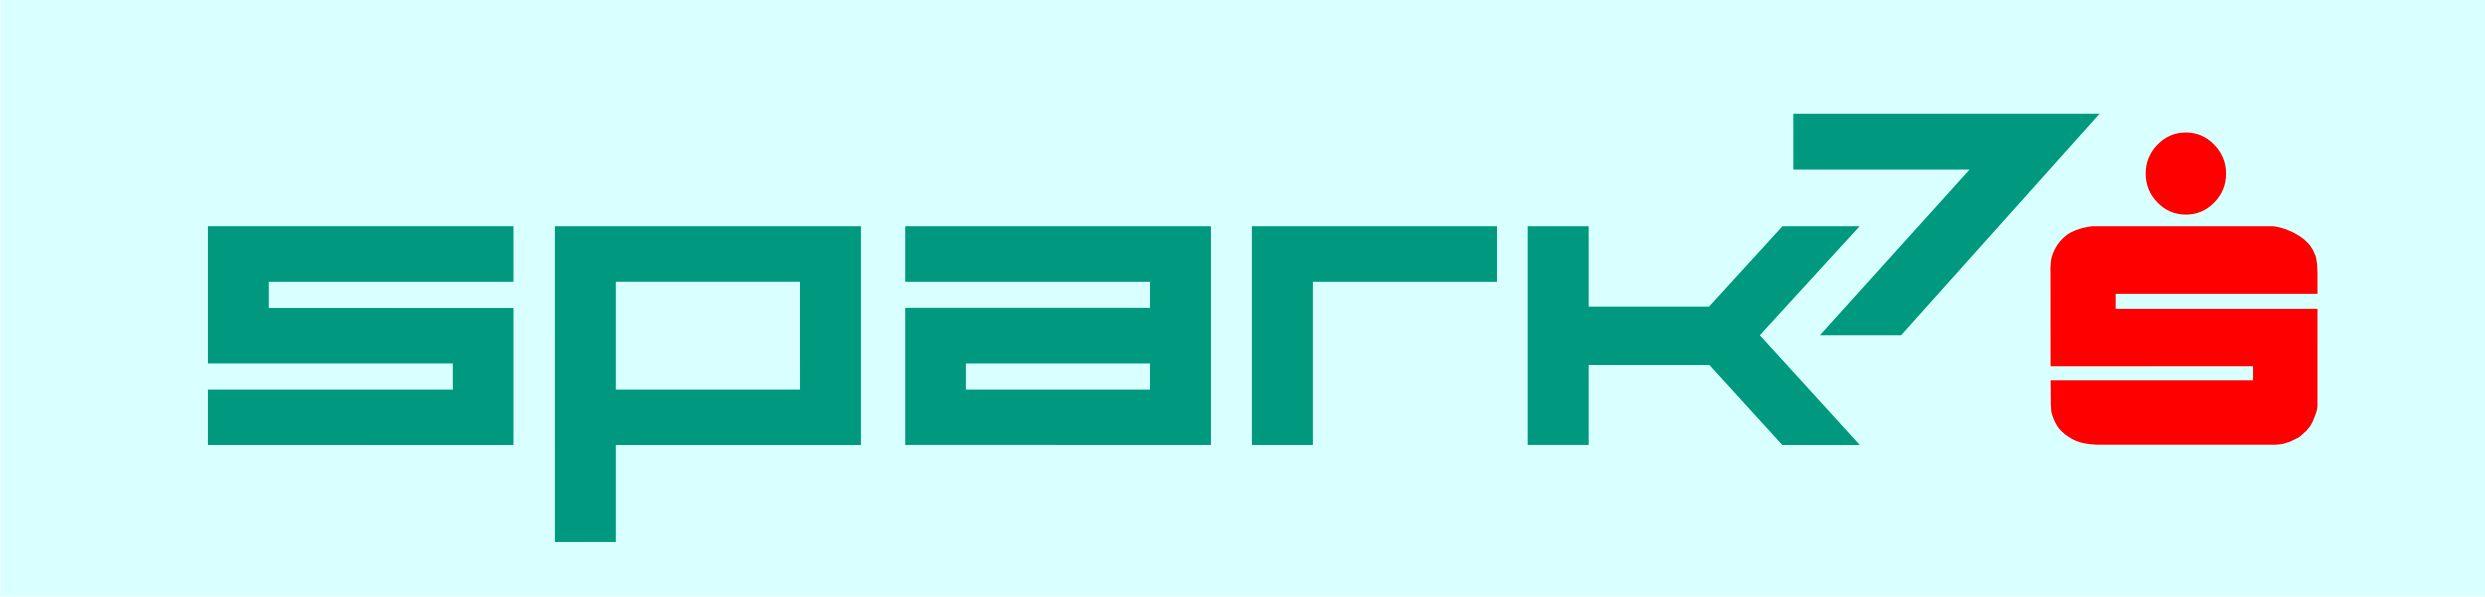 Logo spark7 4c hellblau